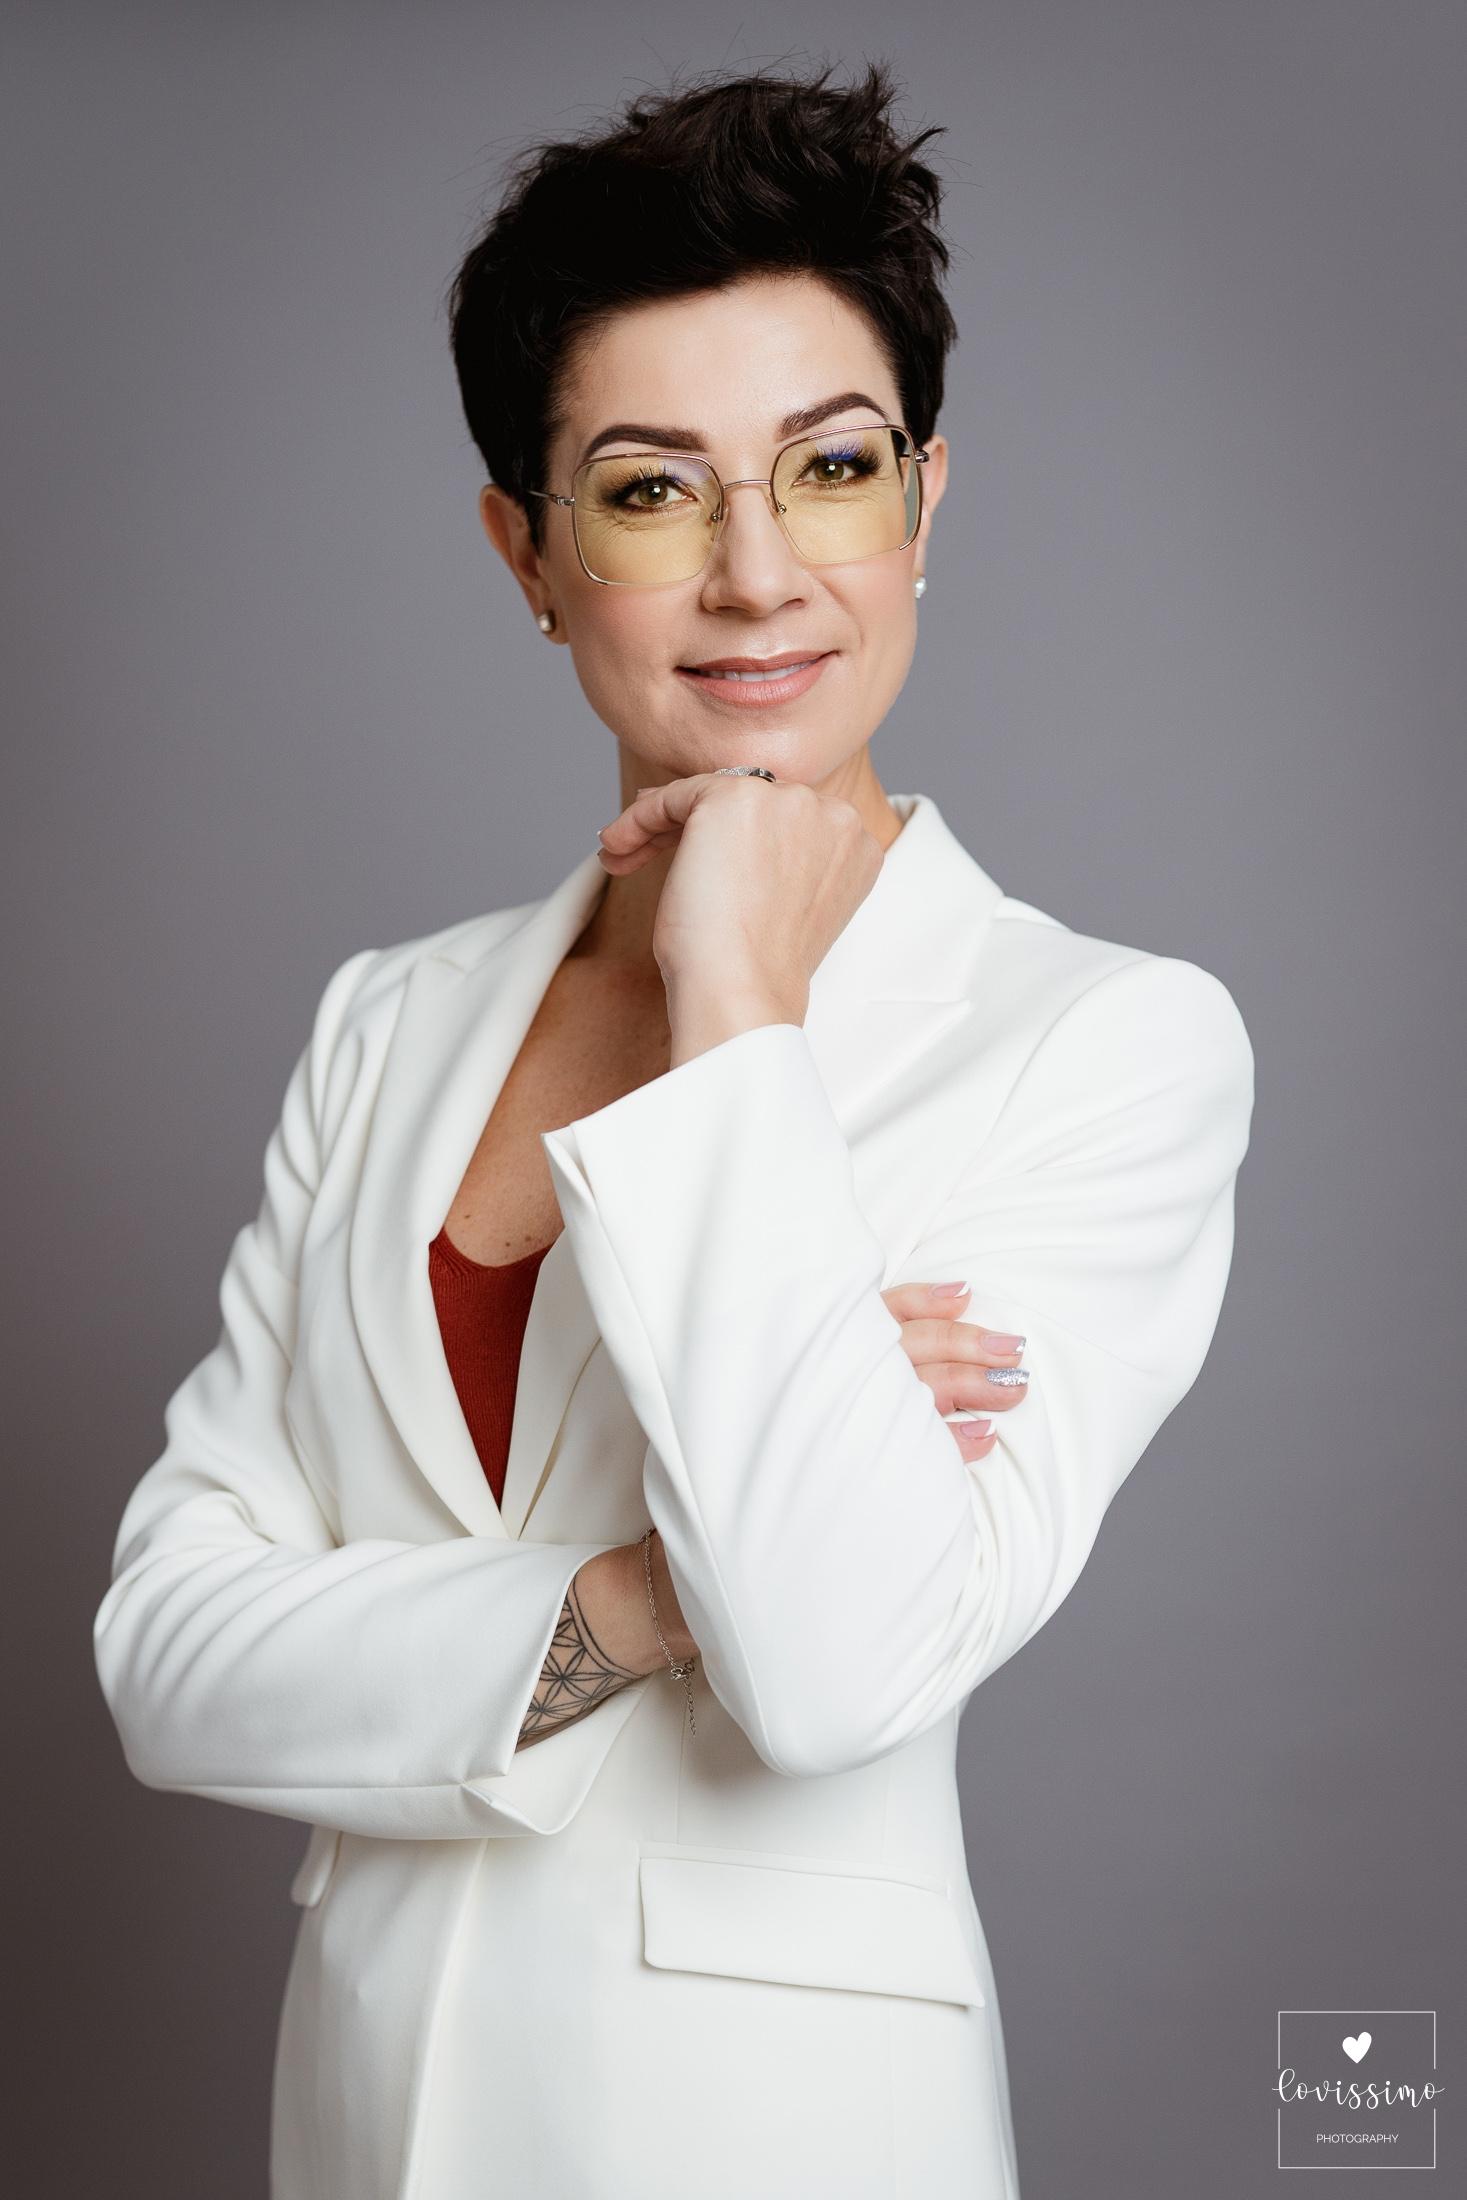 Sesja Wizerunkowa Rzeszów, Sesja Biznesowa, Fotografia Korporacyjna, Sesje Dla Firm